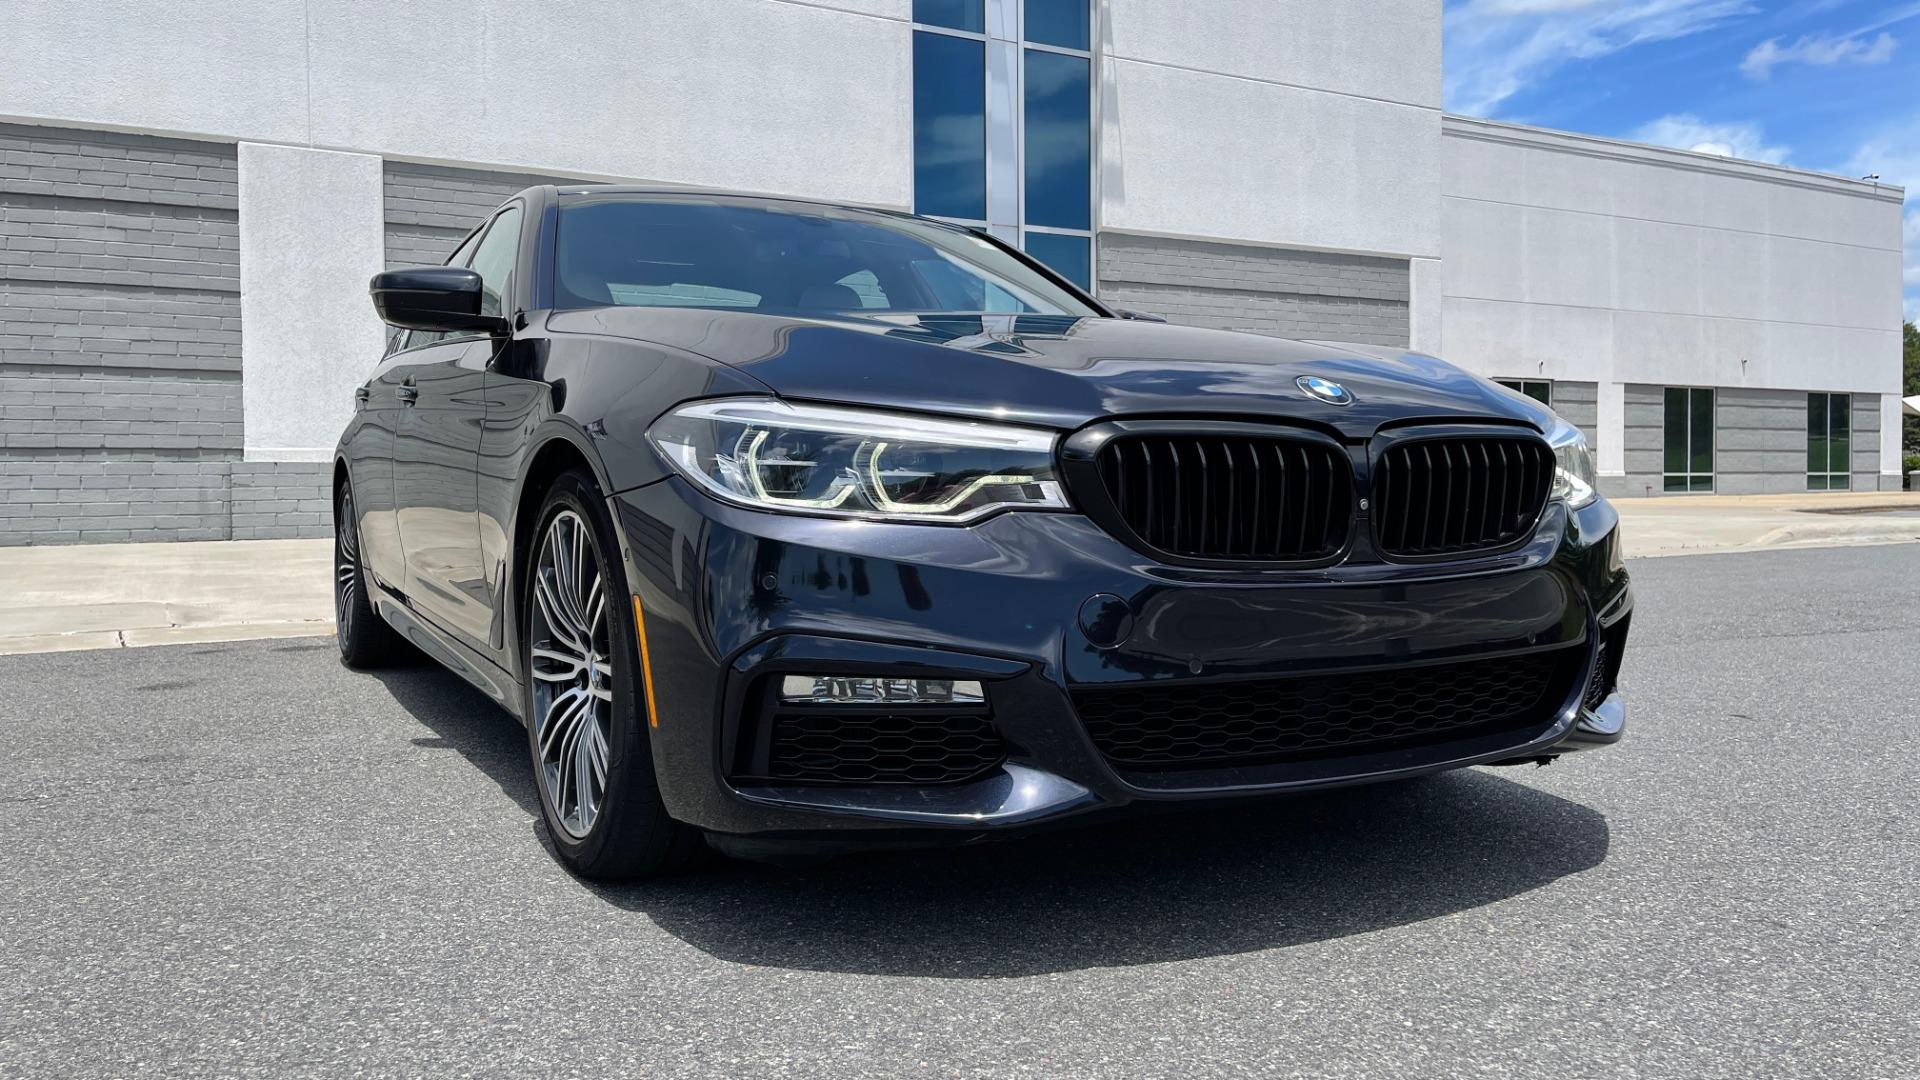 Used 2018 BMW 5 SERIES 540I M-SPORT / EXECUTIVE PKG / DRVR ASST PKG / BLIND SPOT / LANE DEPART for sale $40,995 at Formula Imports in Charlotte NC 28227 18